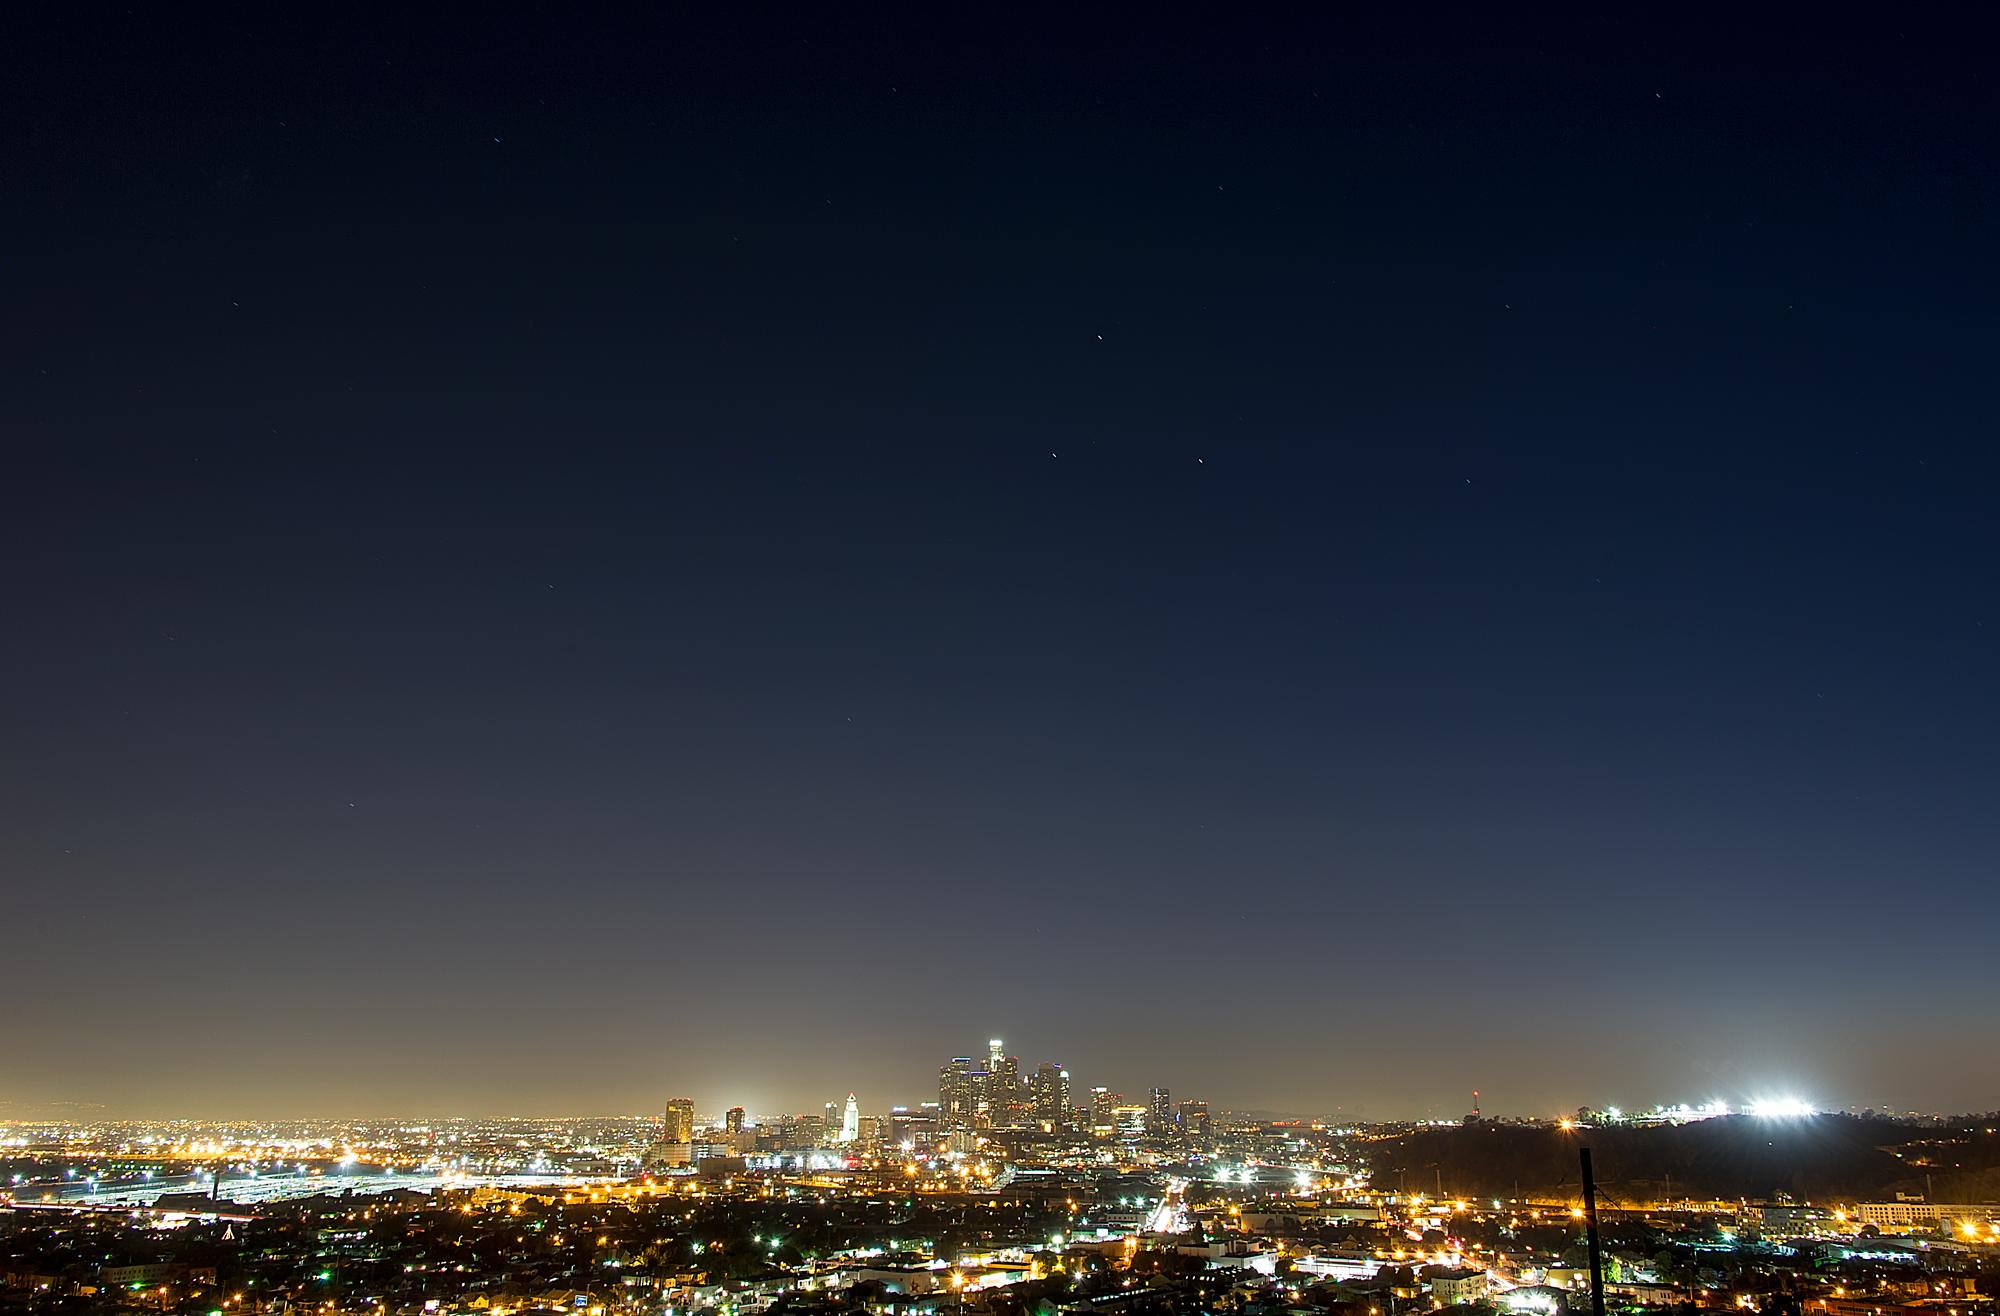 Bầu trời đêm khi thành phố lên đèn